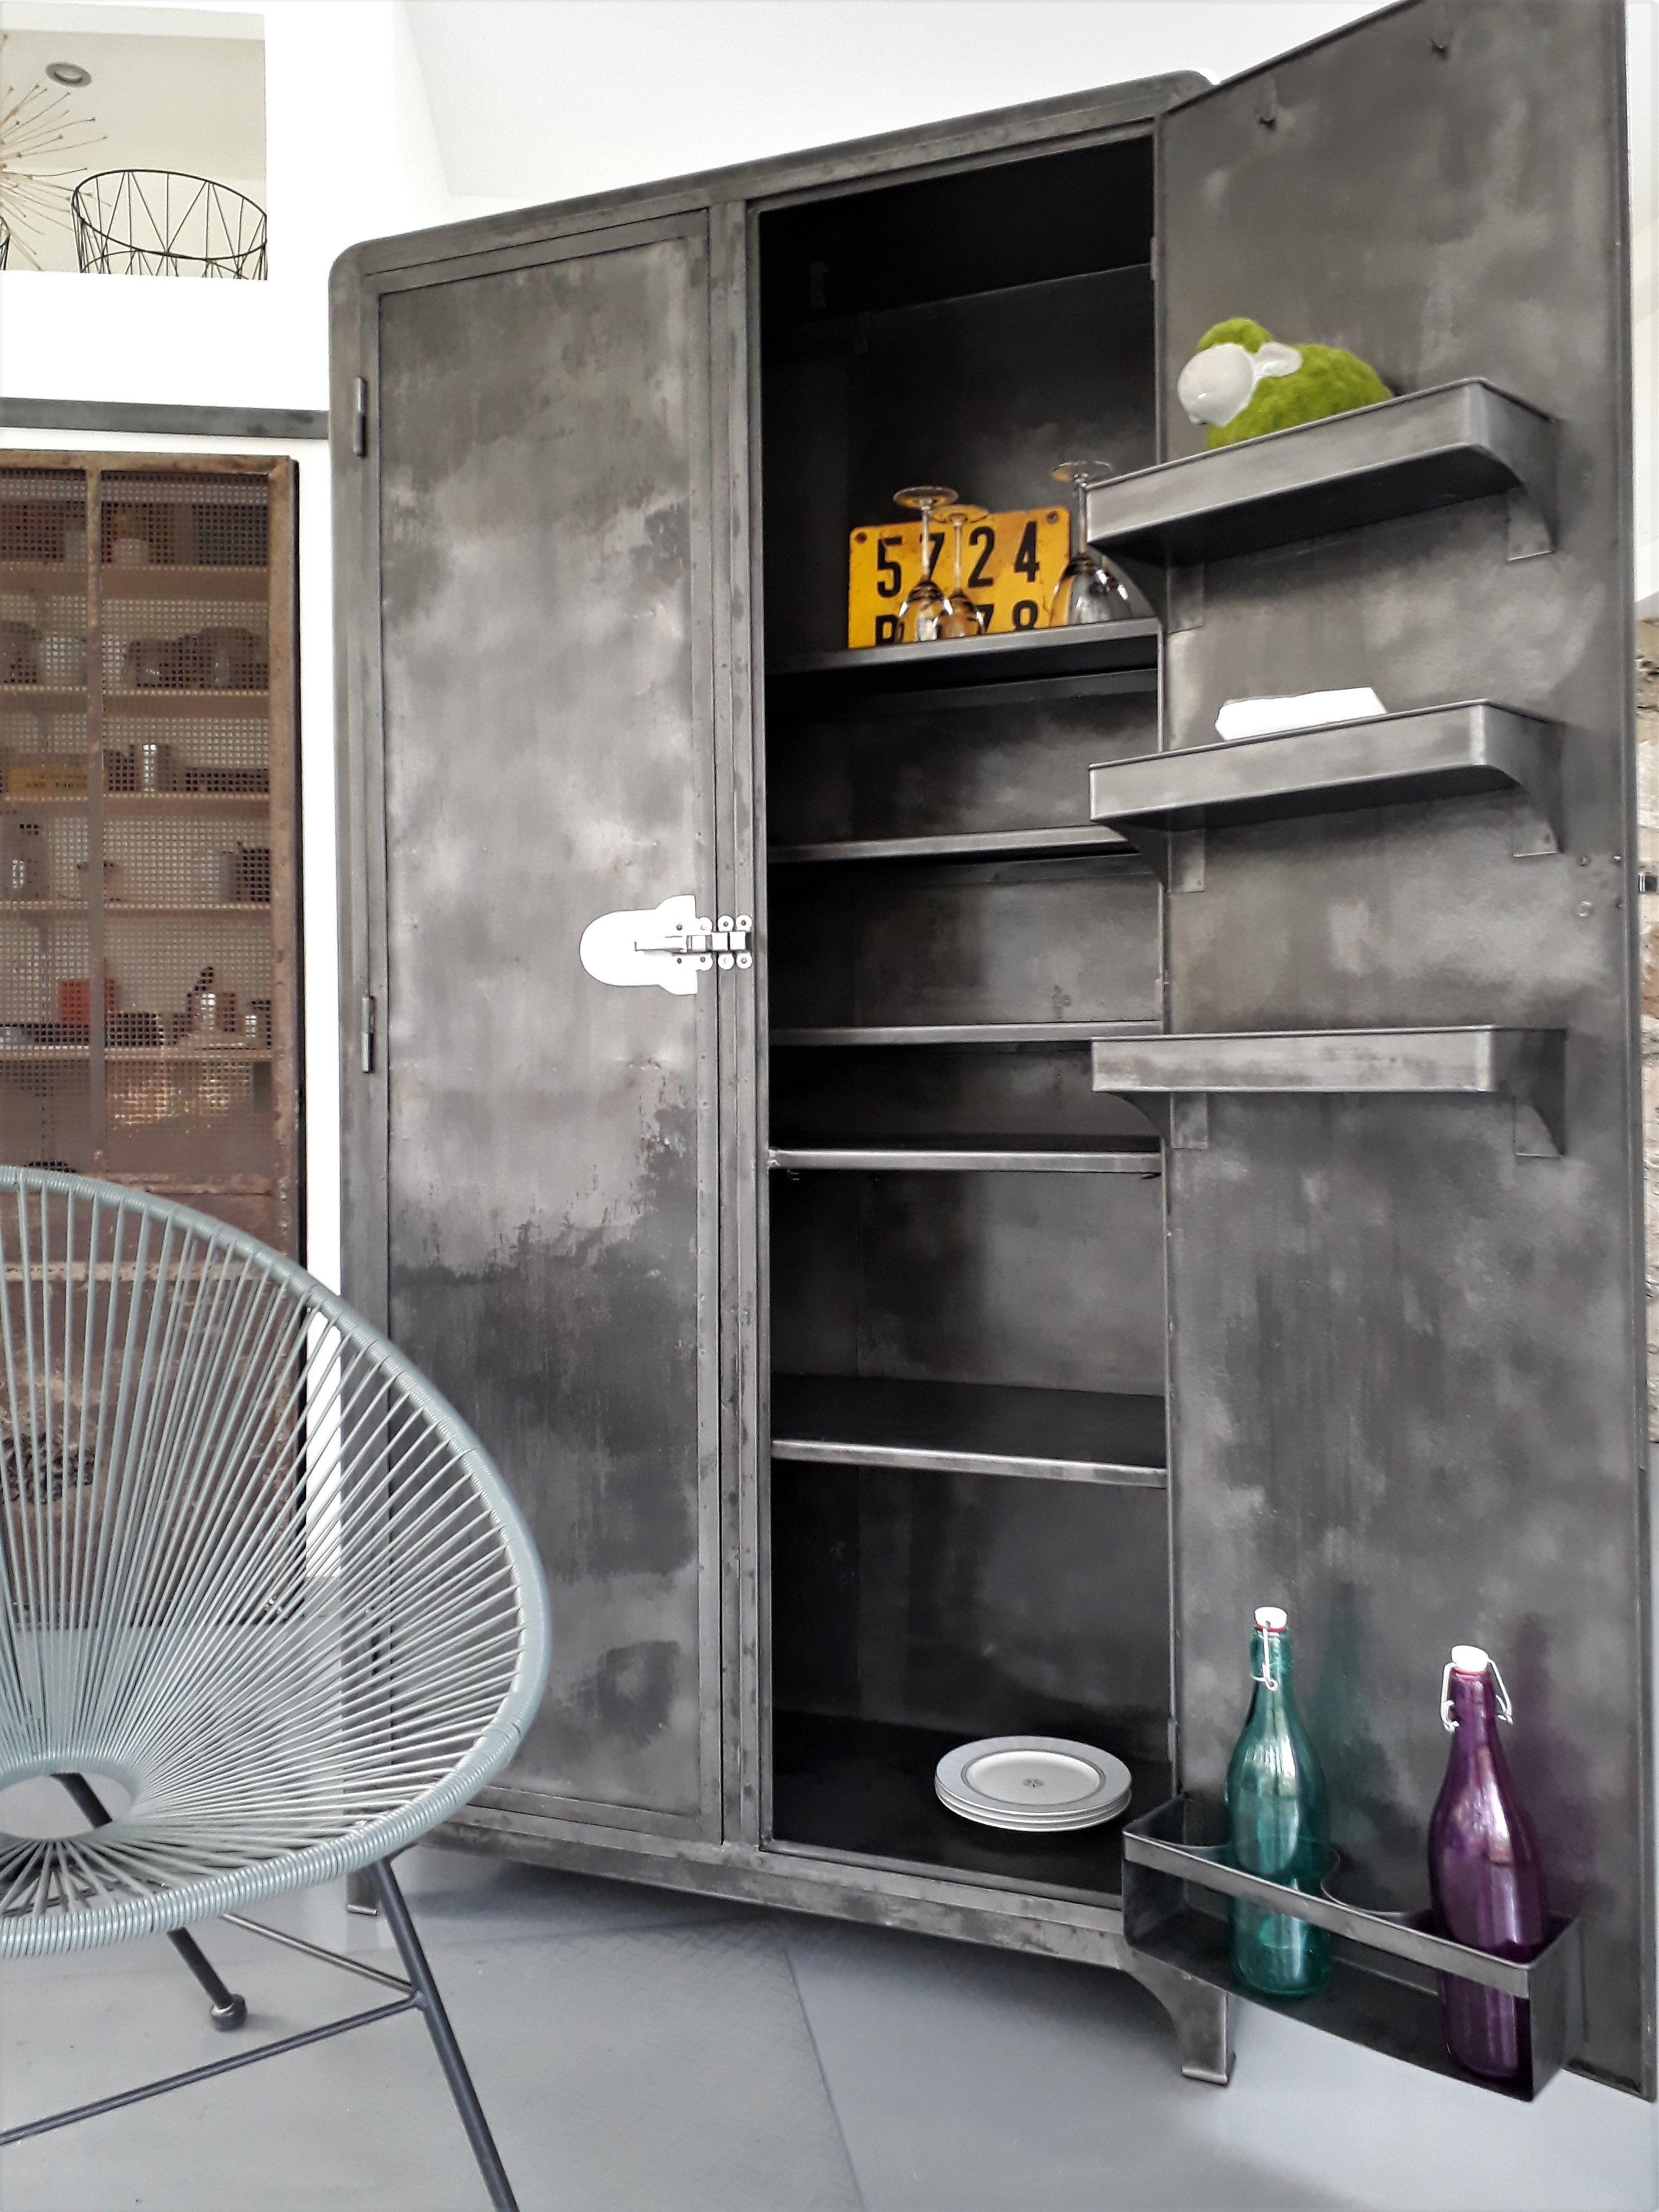 meuble industriel armoire m tal vintage vous propose cette ancienne armoire. Black Bedroom Furniture Sets. Home Design Ideas